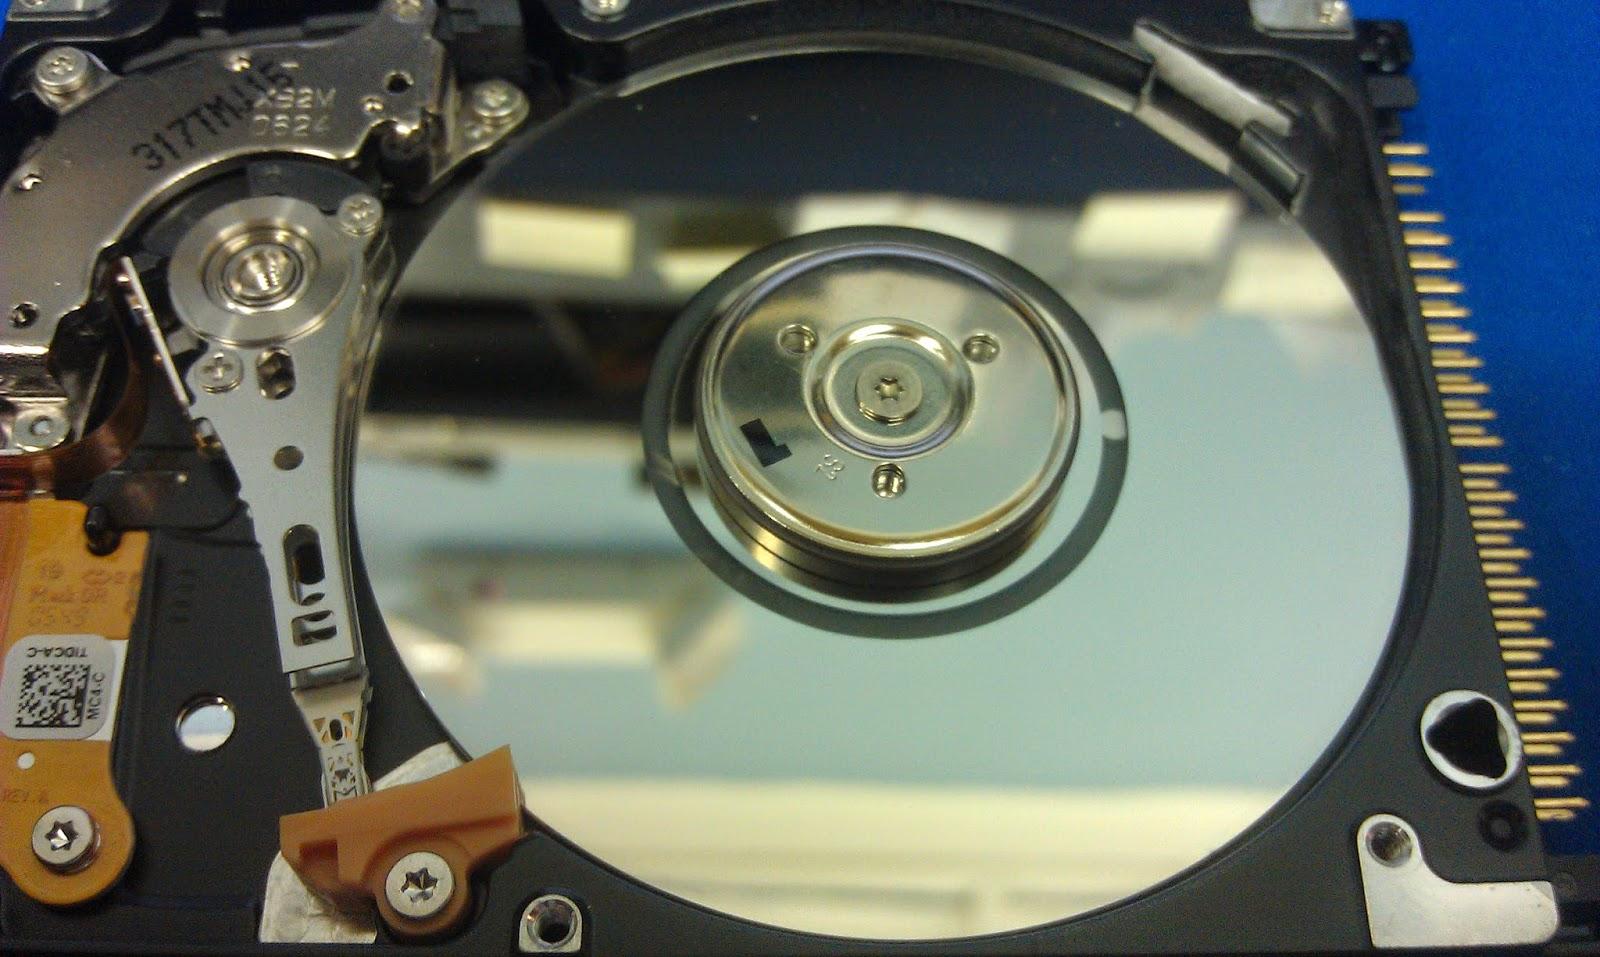 Лучшие программы для проверки состояния жесткого диска